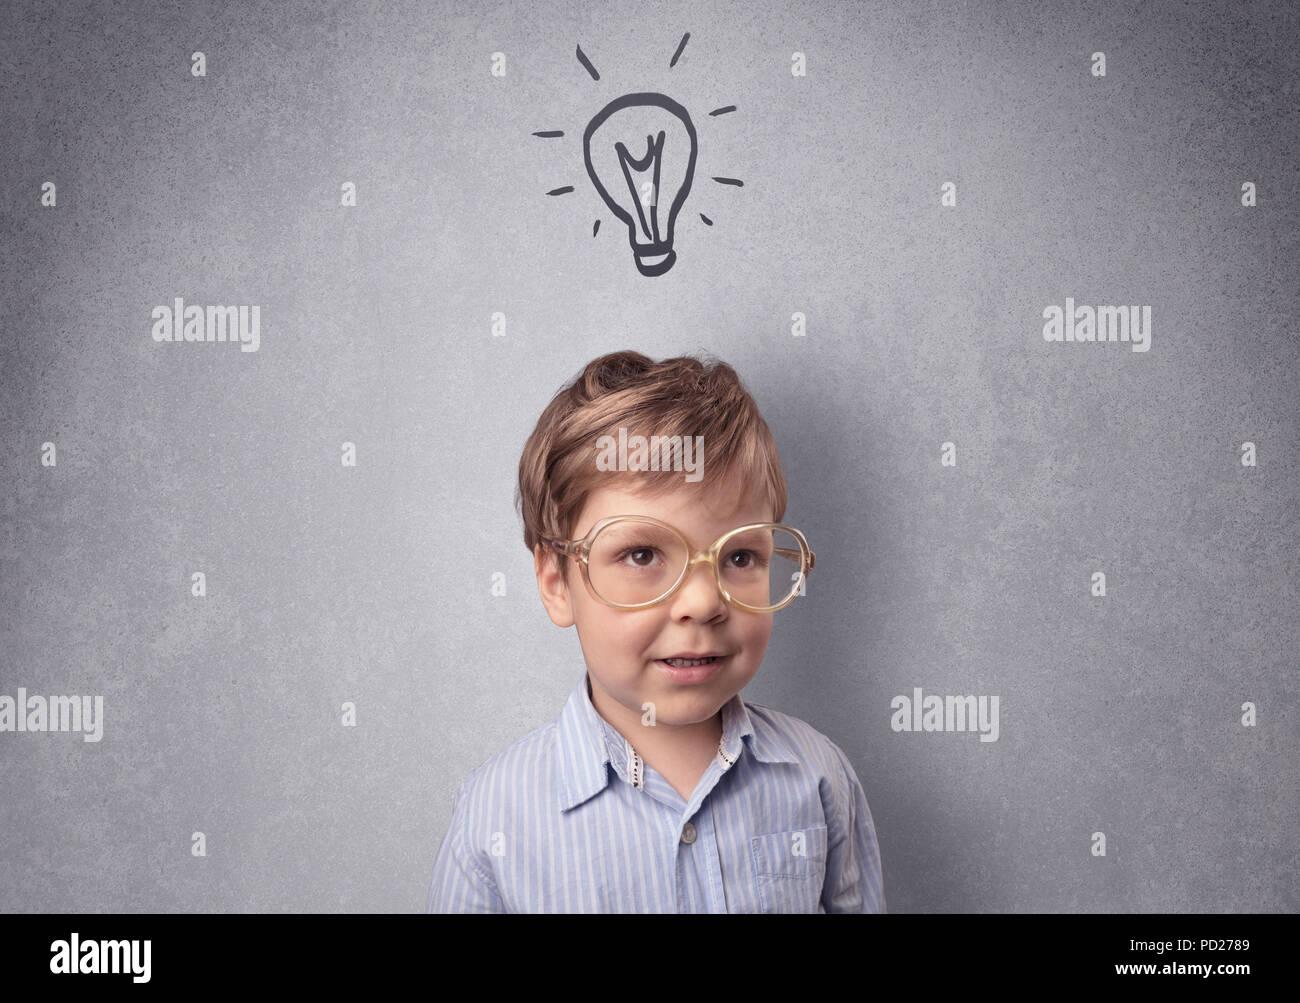 Smart little Junior vor einer grauen Wand aufgestellt mit kindlicher Konzept Stockfoto